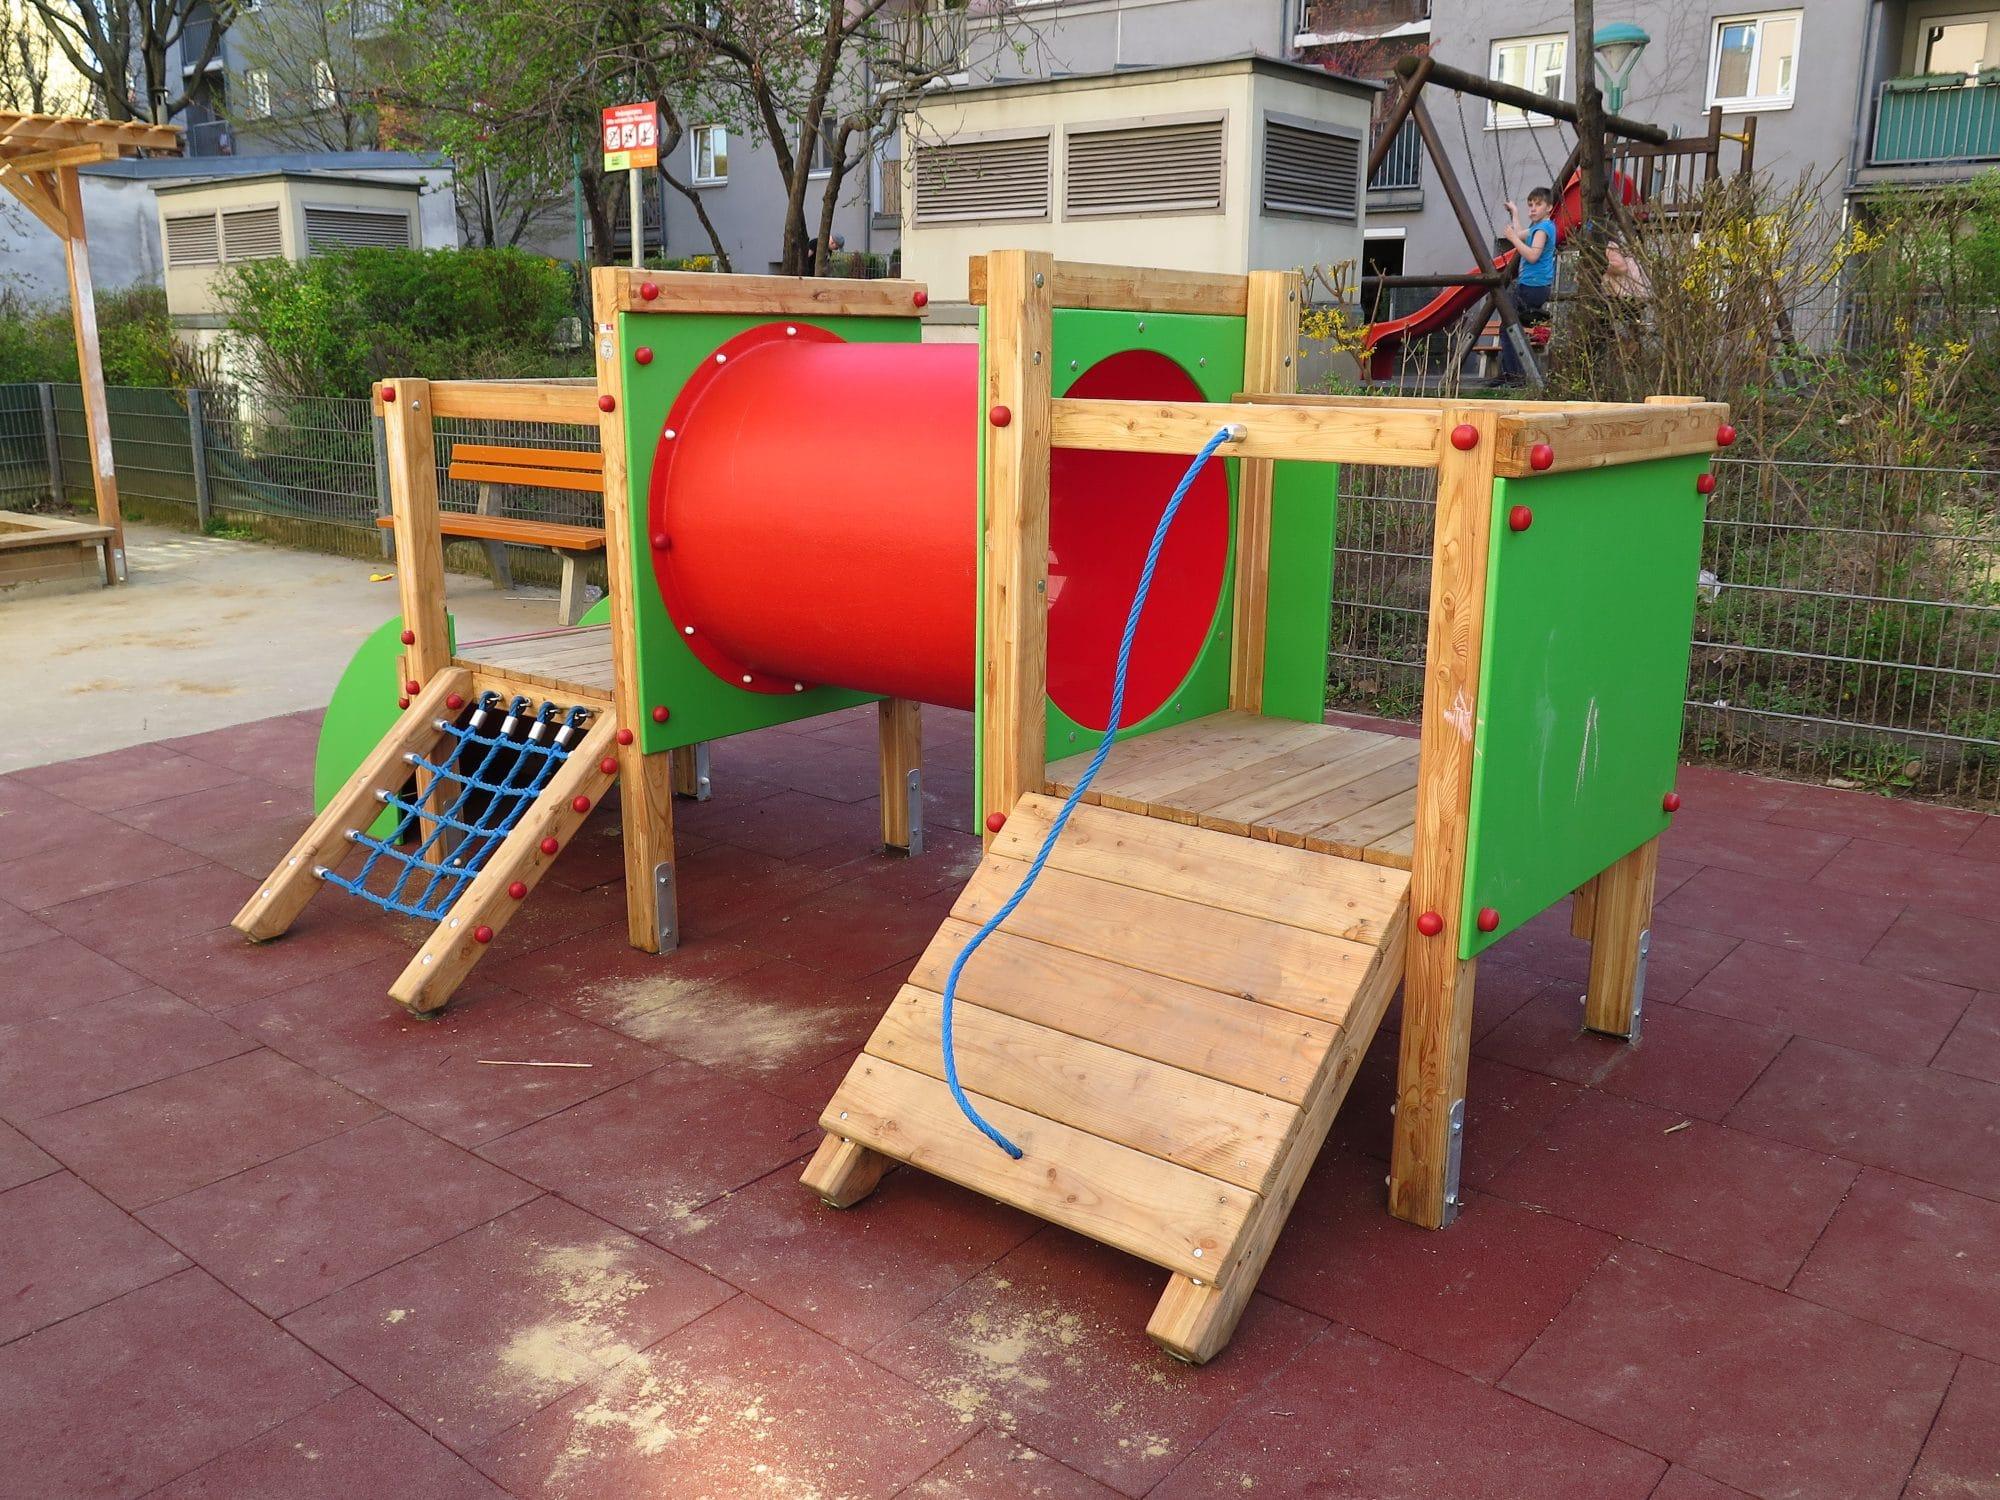 Spielgerätkombination Doppel-Turmanlage Felix von FREISPIEL, dem Spielplatzbauer